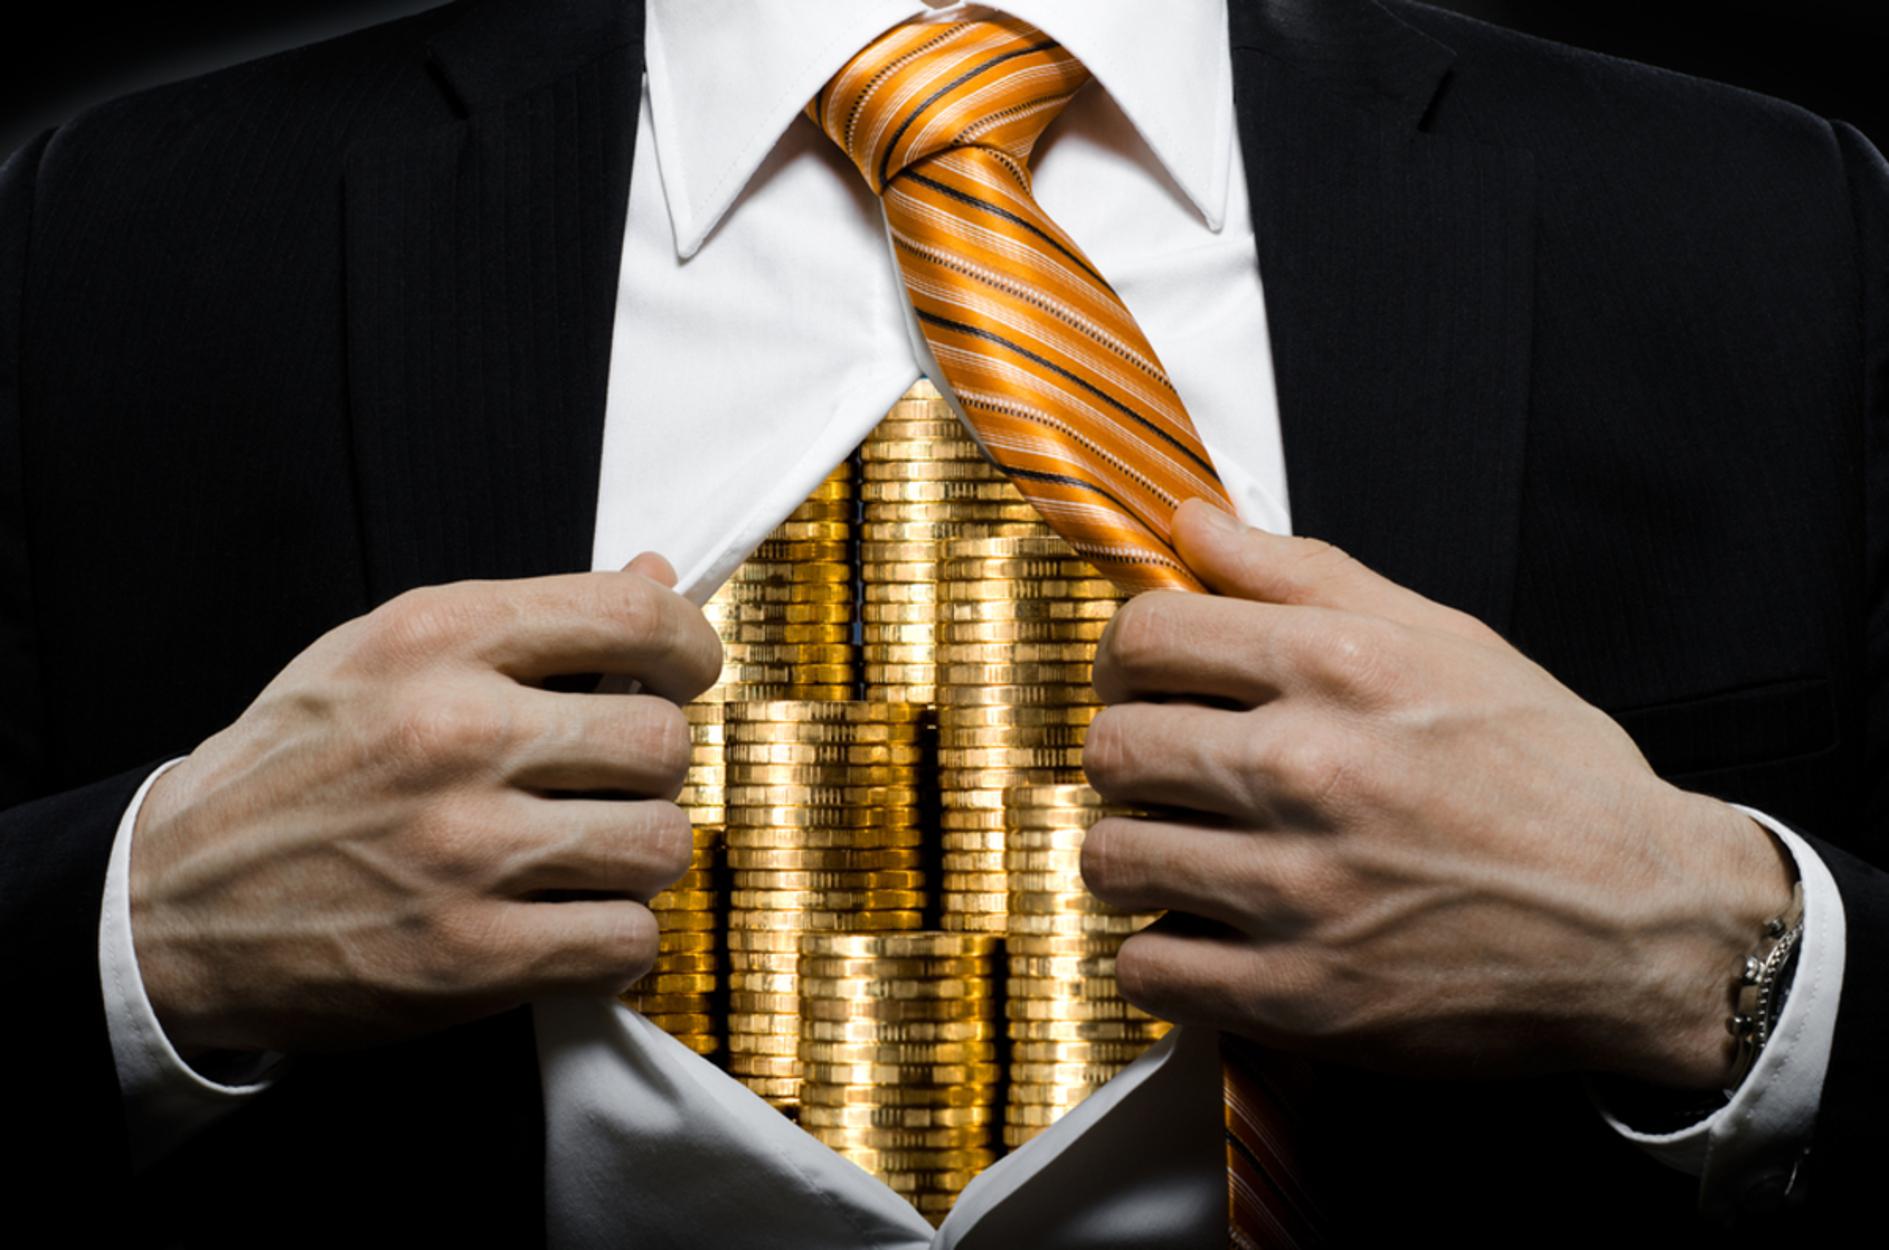 Κορονοϊός: Κρίση είπατε; Οι πάμπλουτοι έγιναν… ακόμα πιο πλούσιοι ξεπερνώντας τα 10 τρισ. δολάρια!